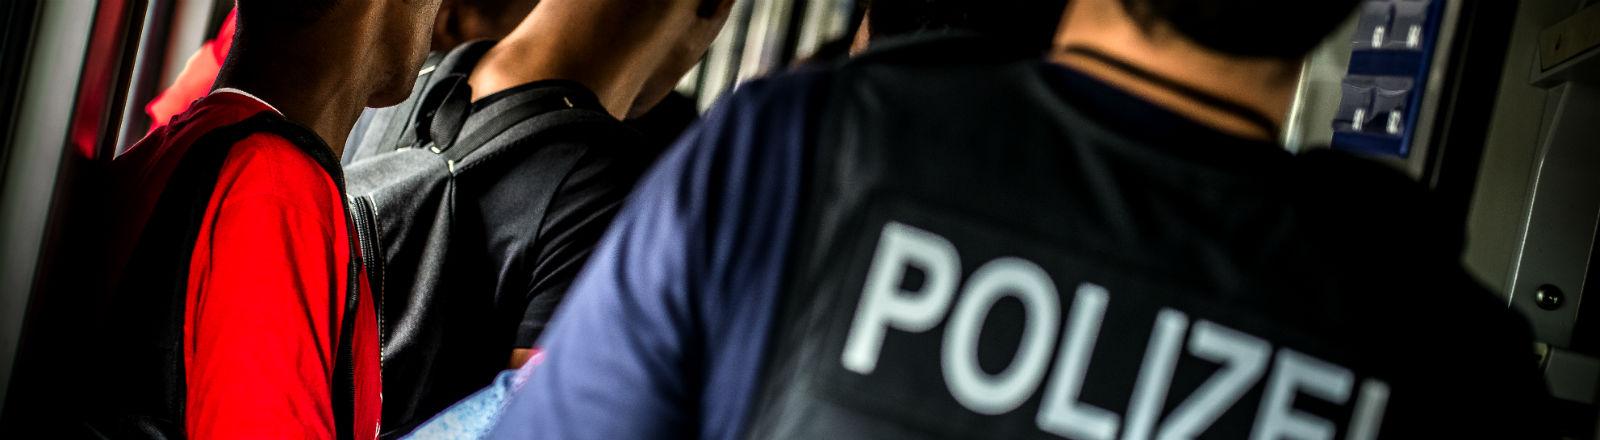 Bundespolizisten haben in einem EC in Rosenheim mehrere Flüchtlinge aufgespürt. Bild: dpa